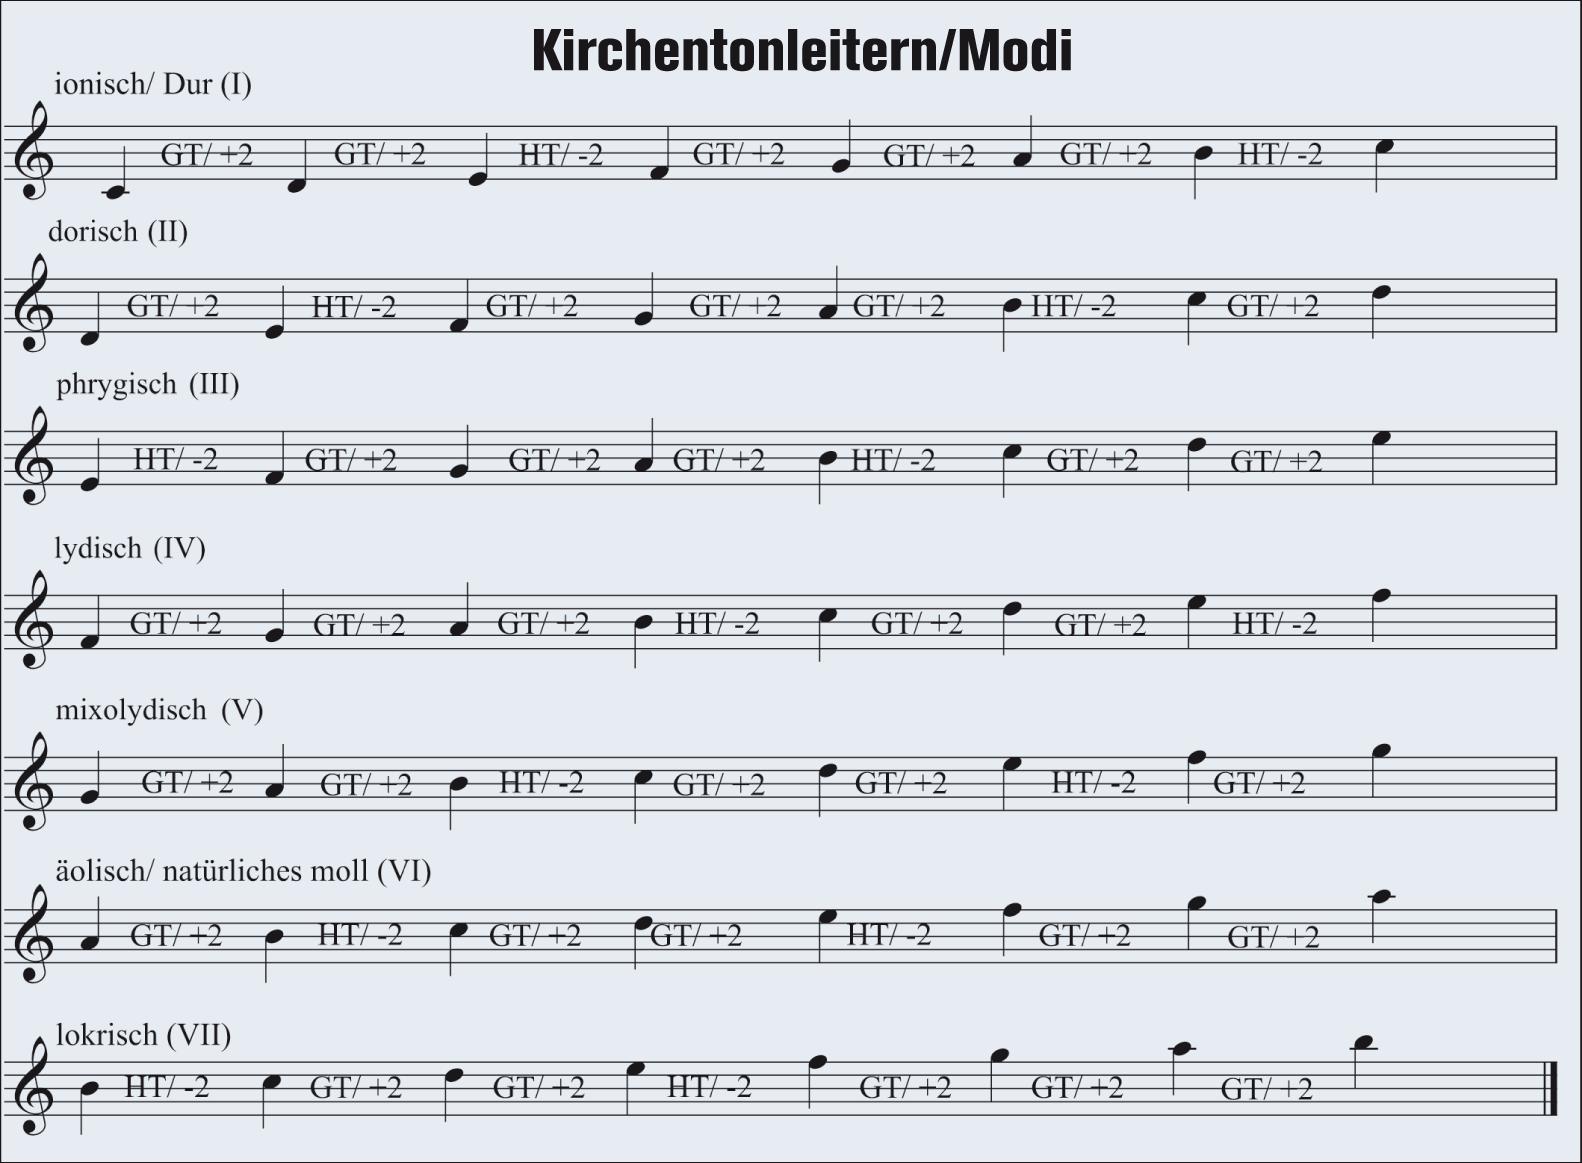 Notenbeispiel 1: Kirchentonleitern/Modi